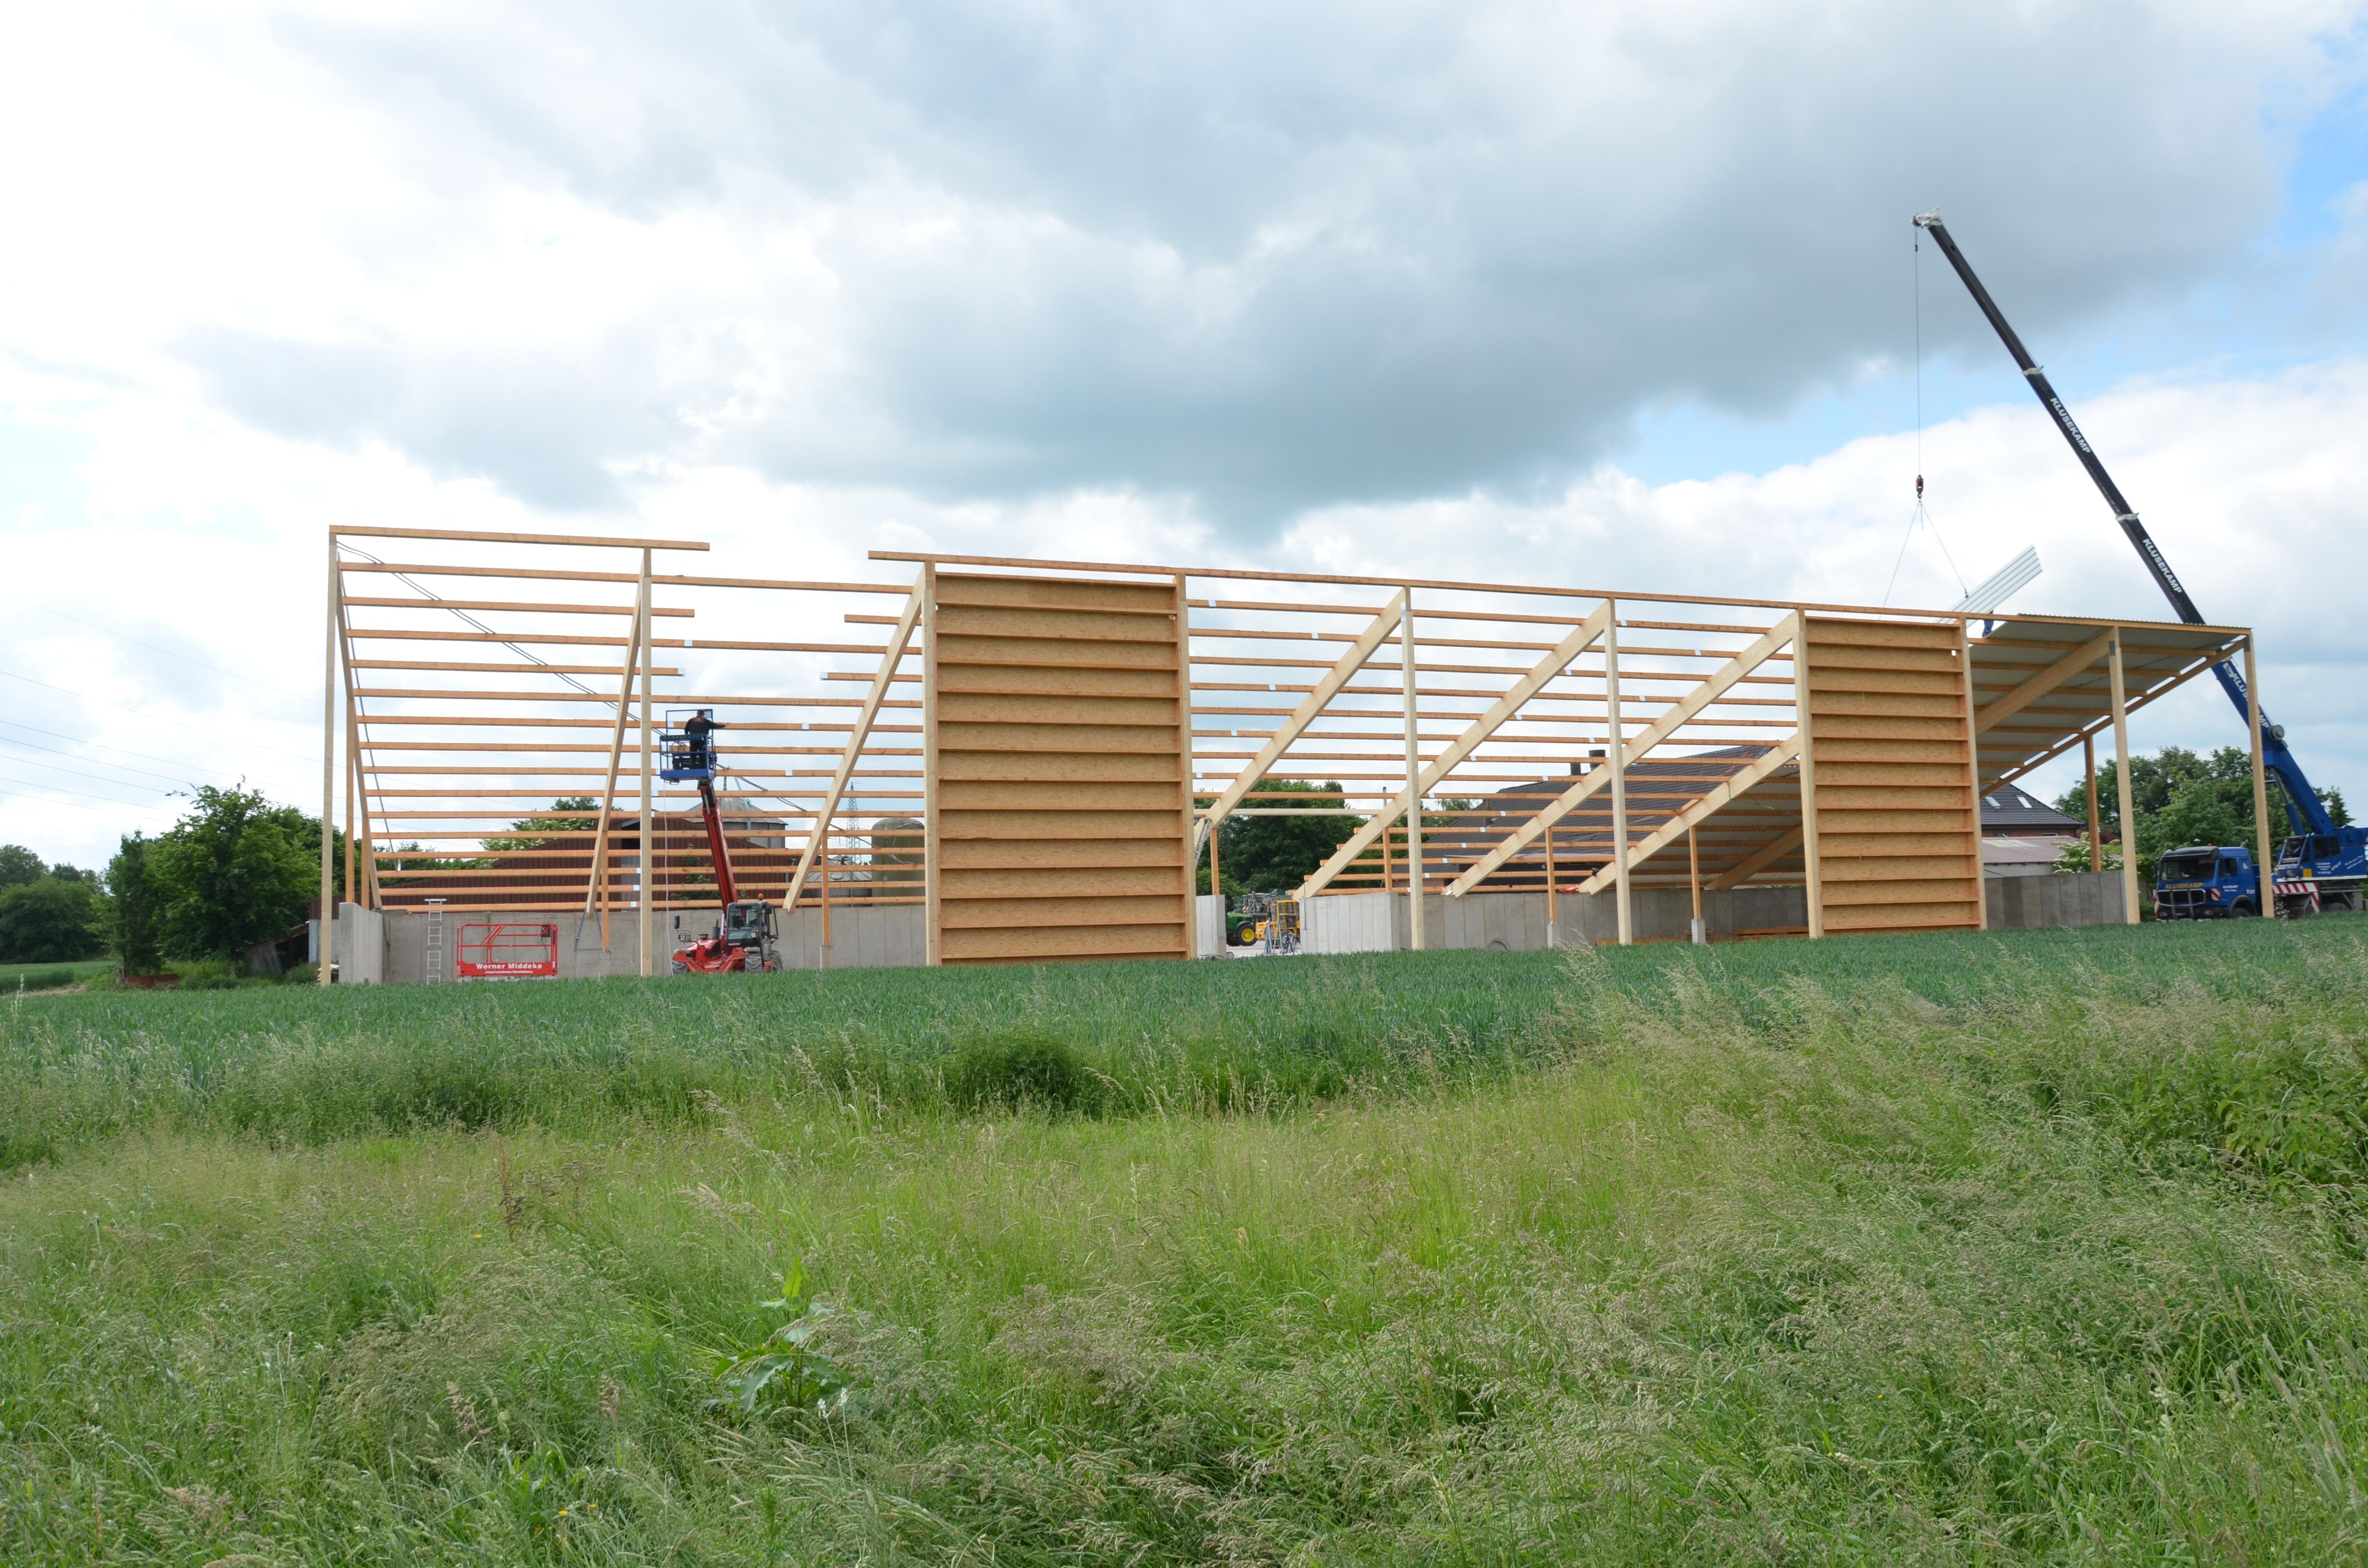 Holzingenieurbau Kreis Soest